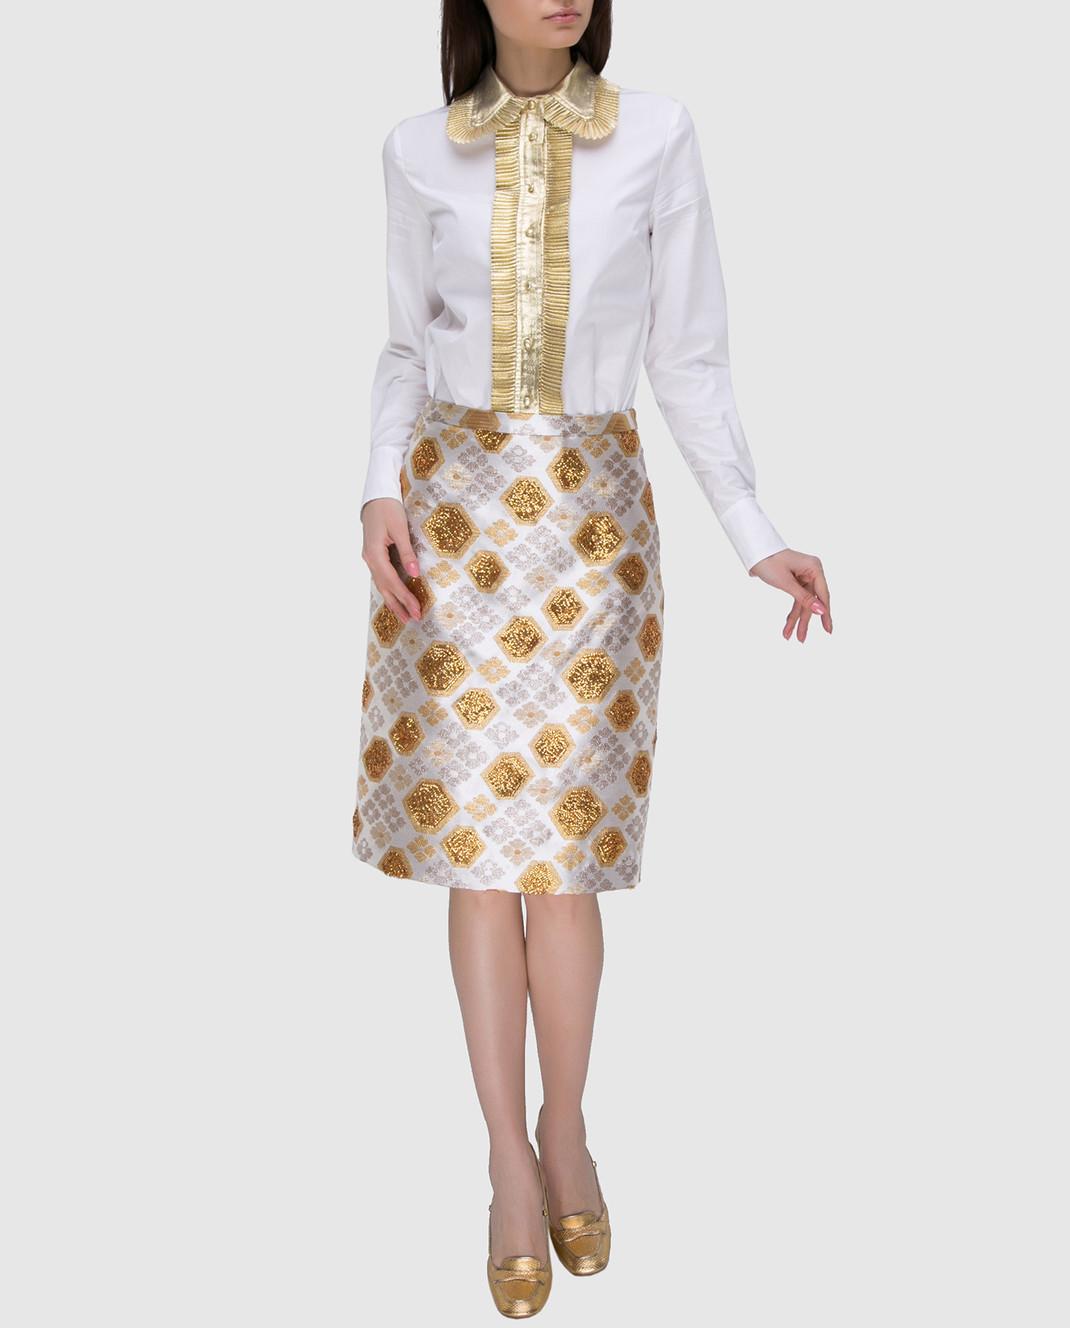 Manoush Светло-бежевая юбка PE7BROJ изображение 2